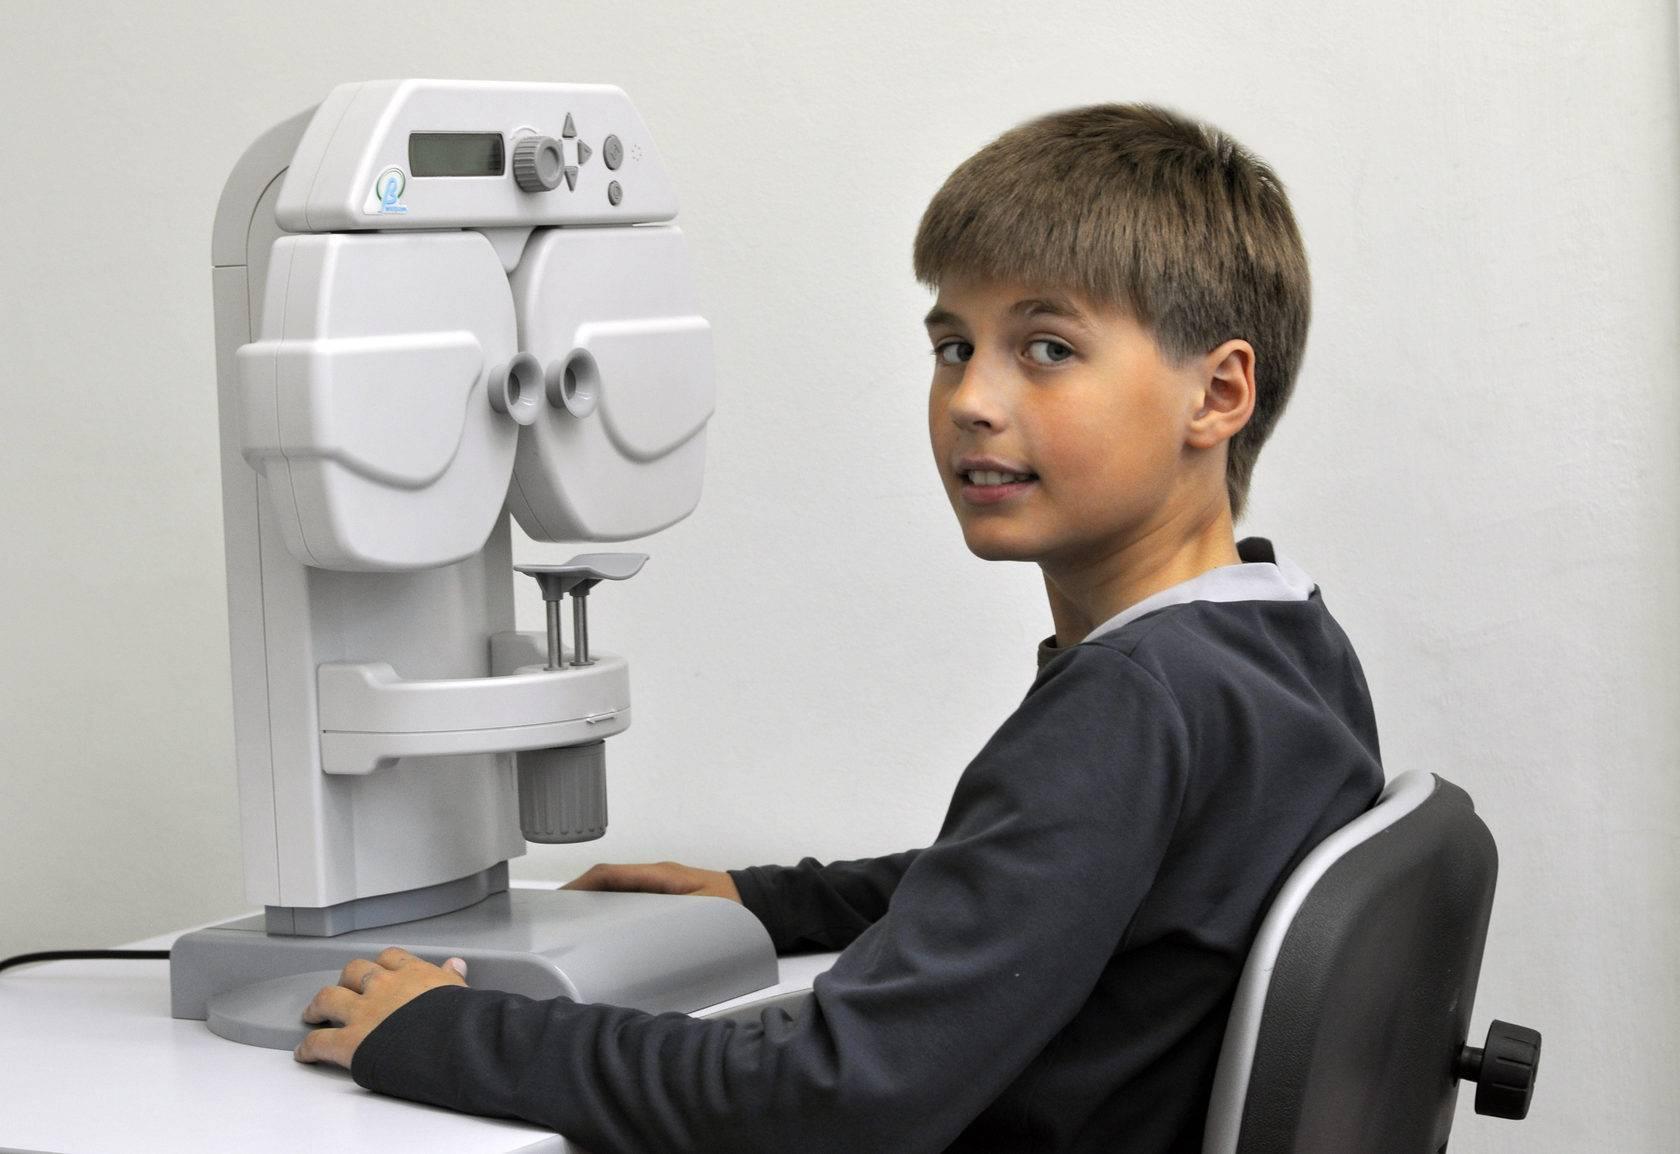 Аппаратное лечение зрения у детей: электростимуляция, магнитотерапия при близорукости, косоглазии, астигматизме, дальнозоркости